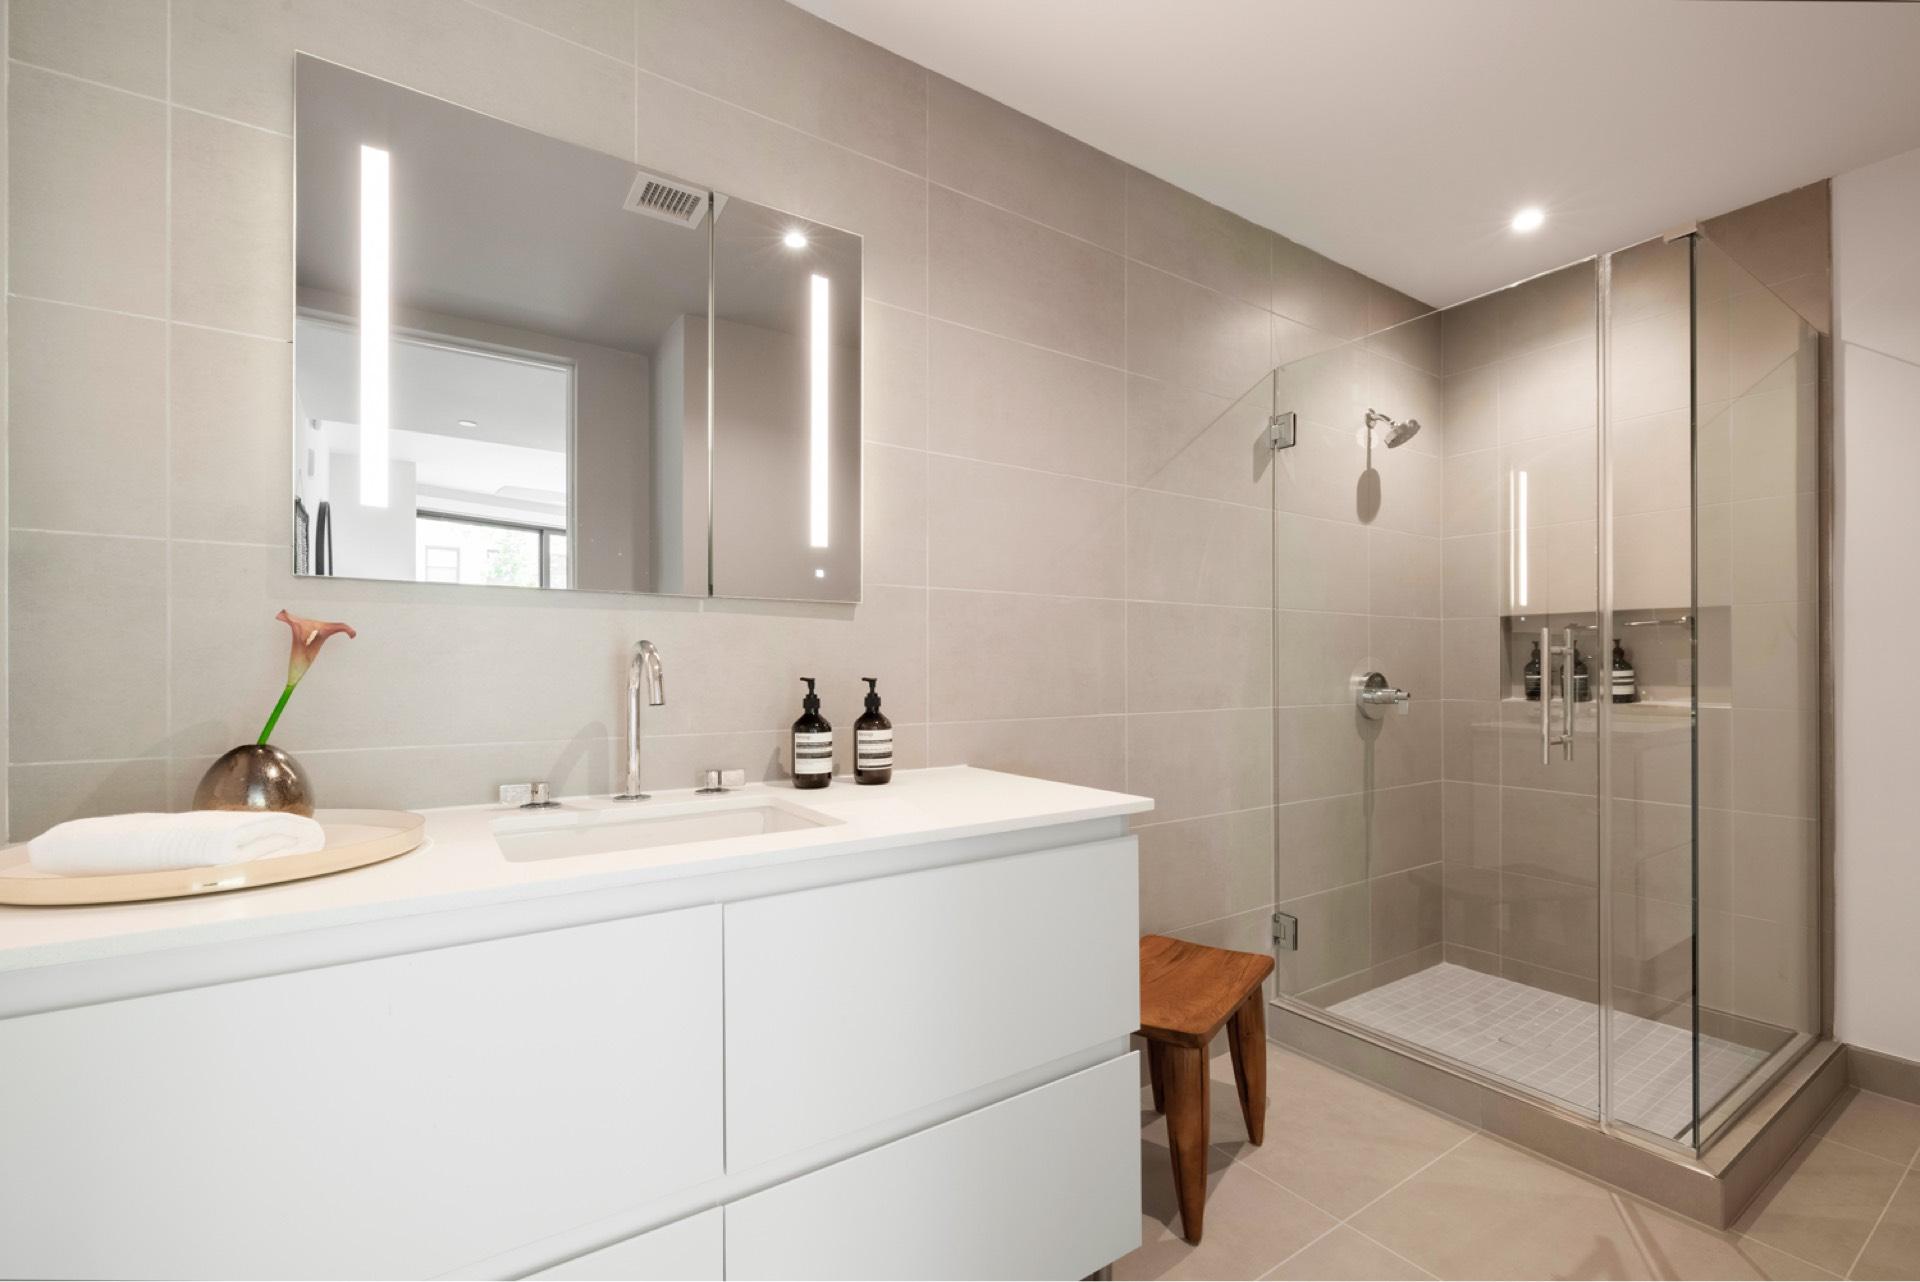 Porcelanosa® tile, Robern® medicine cabinets, and Kohler® fixtures in bathrooms